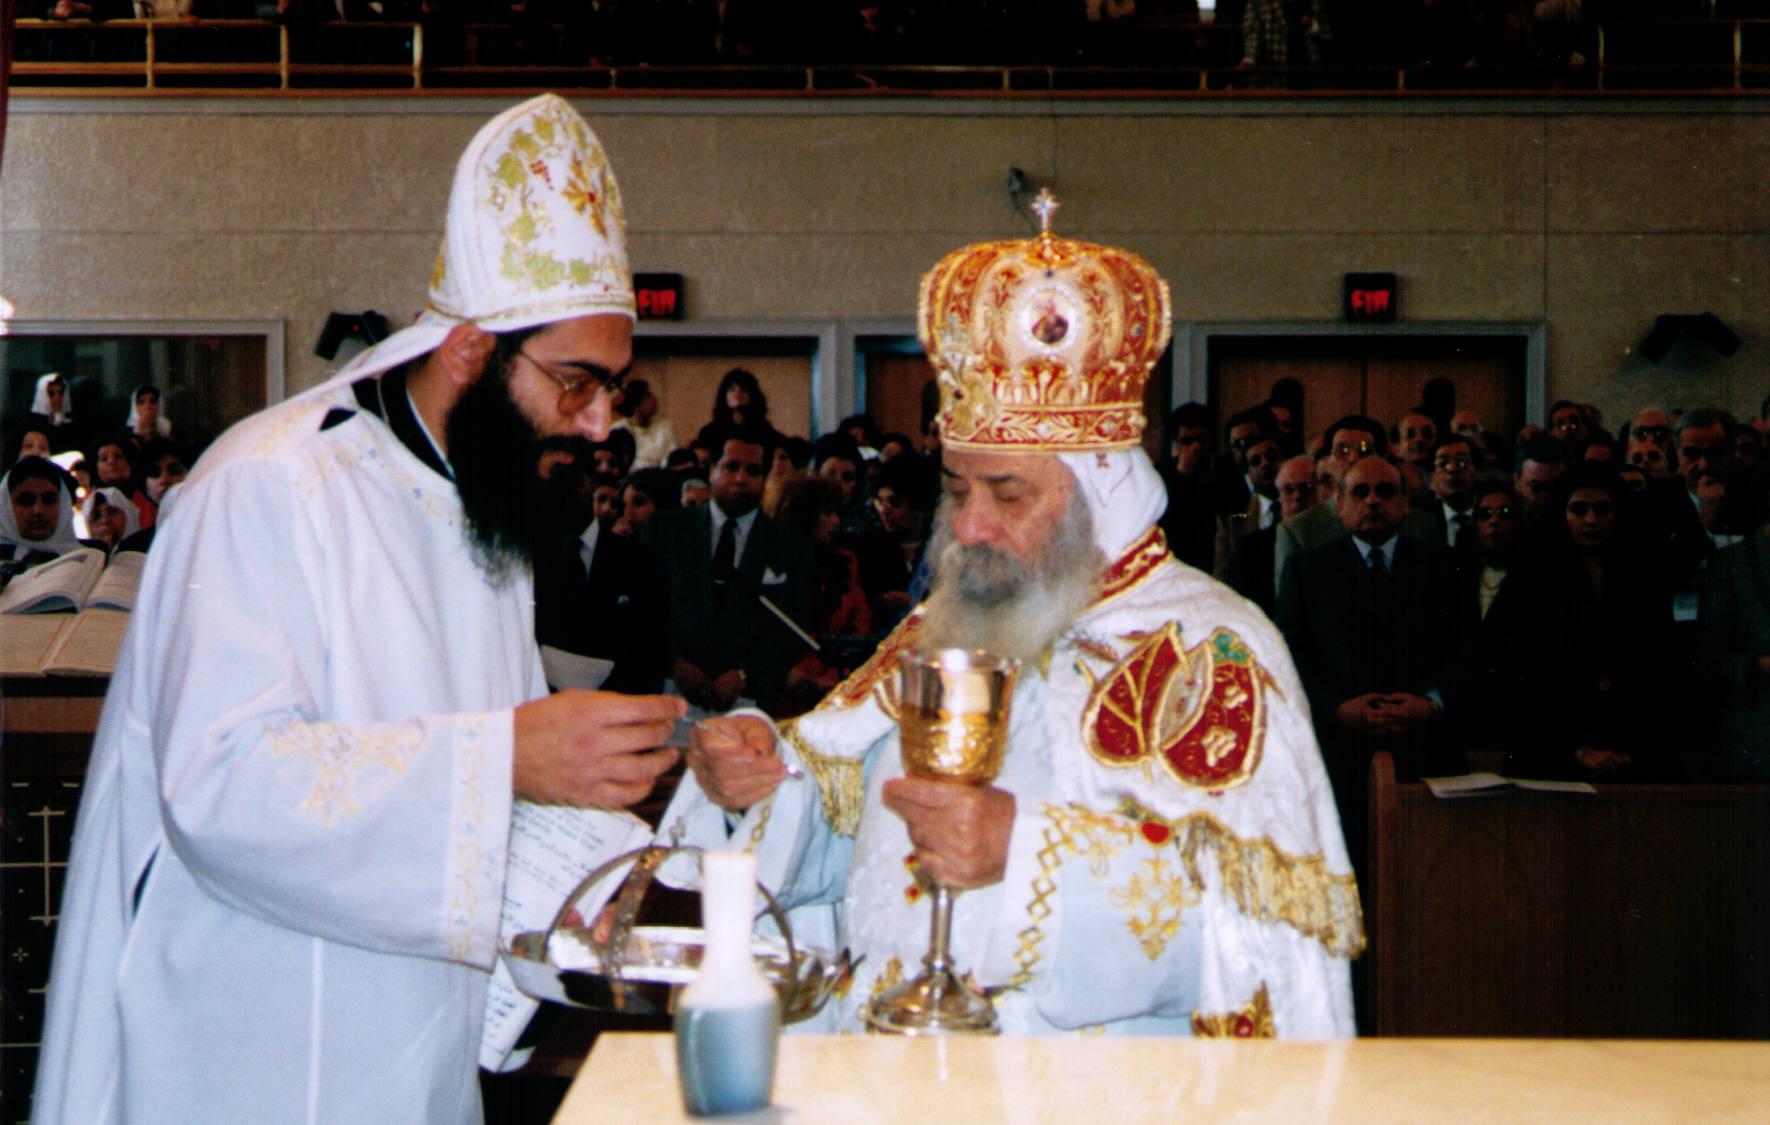 zur symbolik der heiligen eucharistie der koptisch